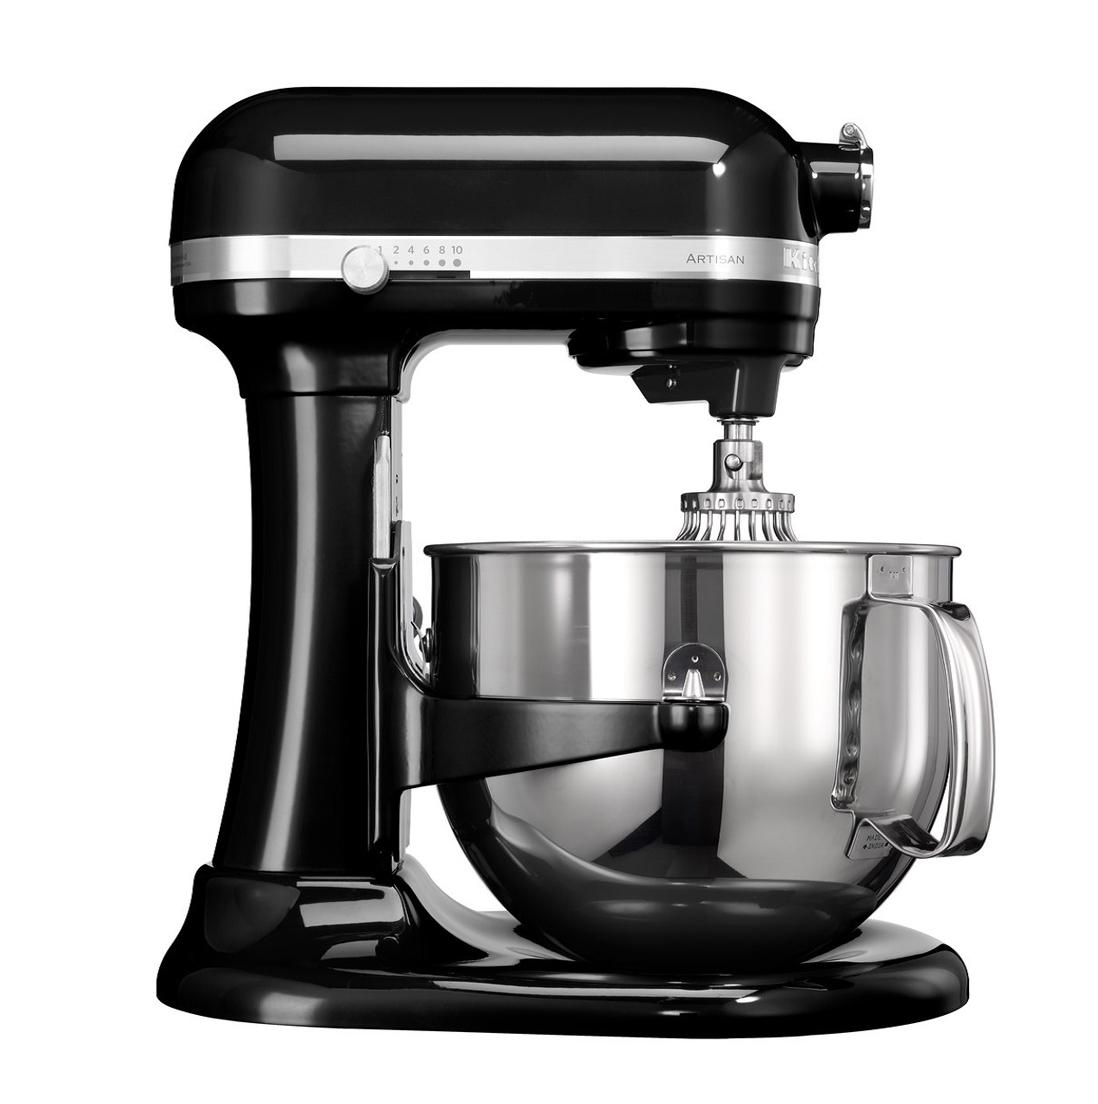 KitchenAid Küchenmaschine 6,9L Artisan mit Schüsselheber 5KSM7580X